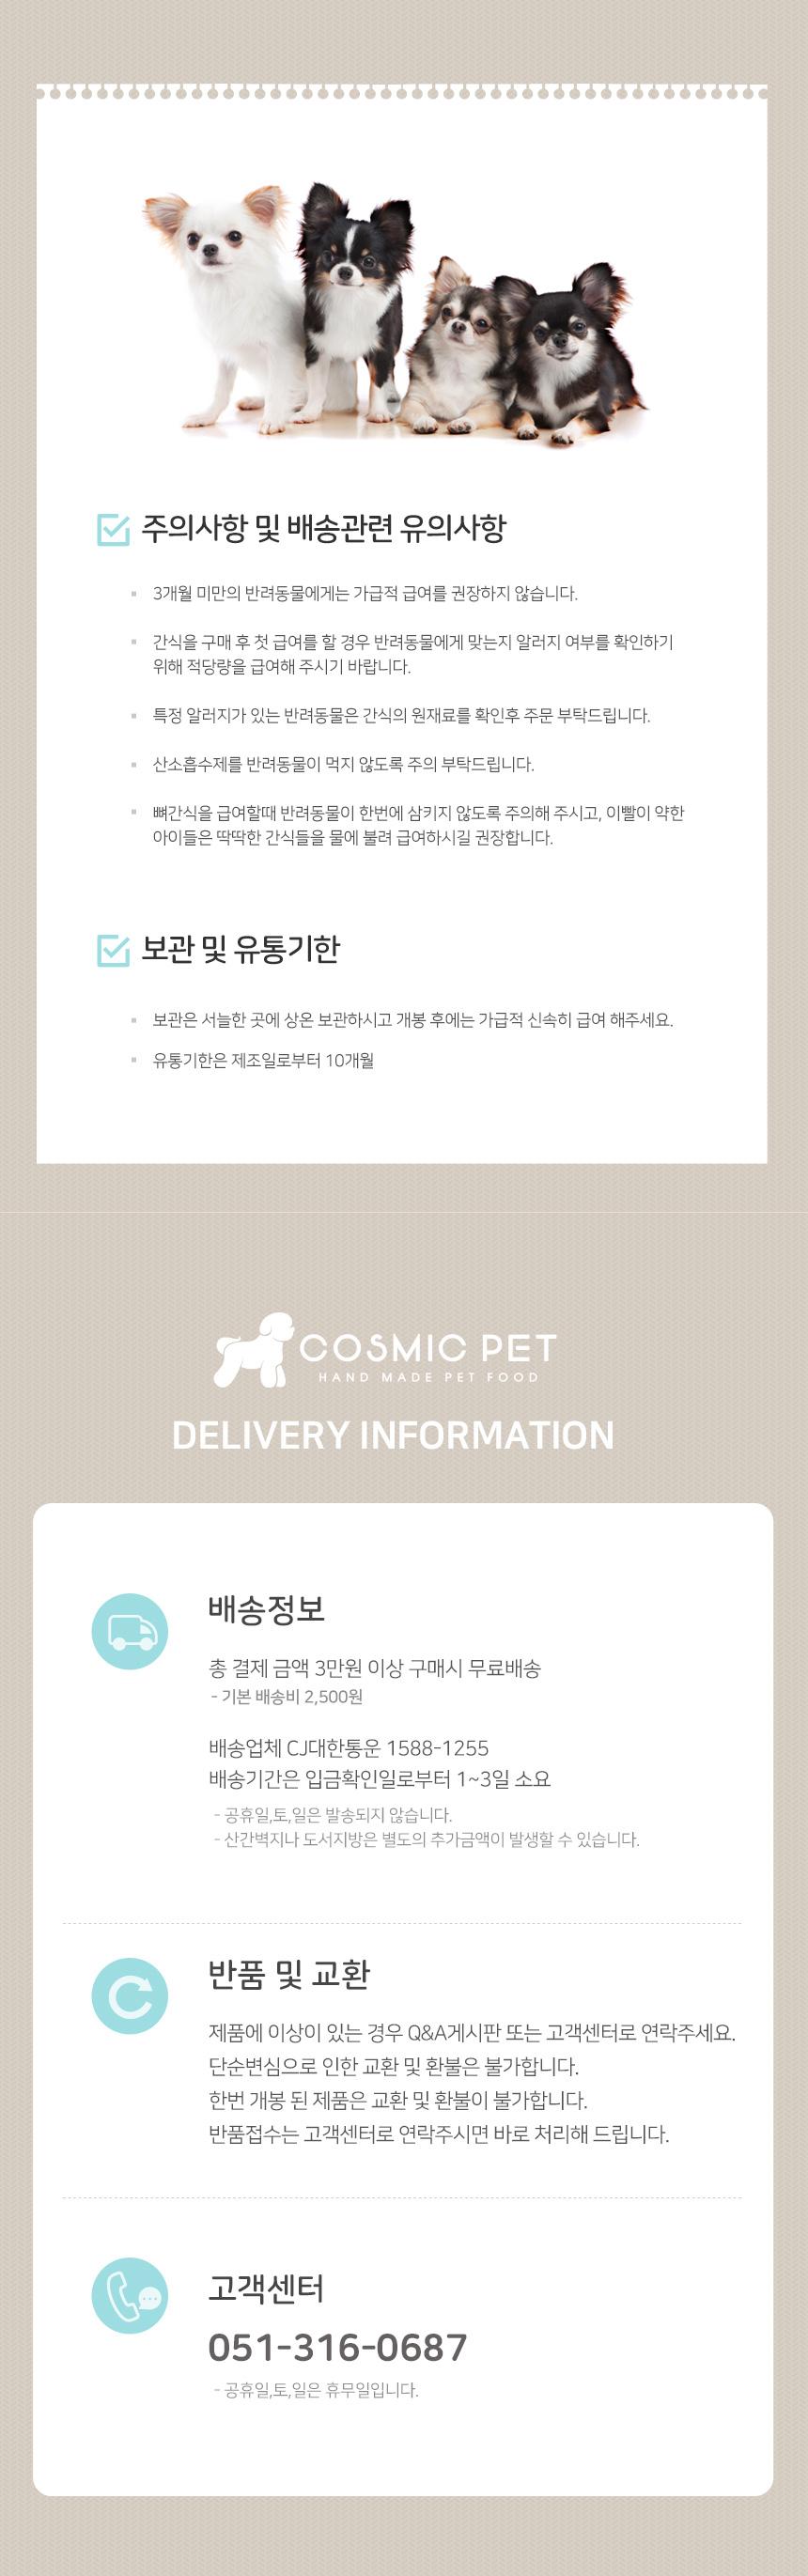 코스믹펫 강아지 수제간식 황태츄러스컷팅 100g - 코스믹펫, 5,600원, 간식/영양제, 수제간식